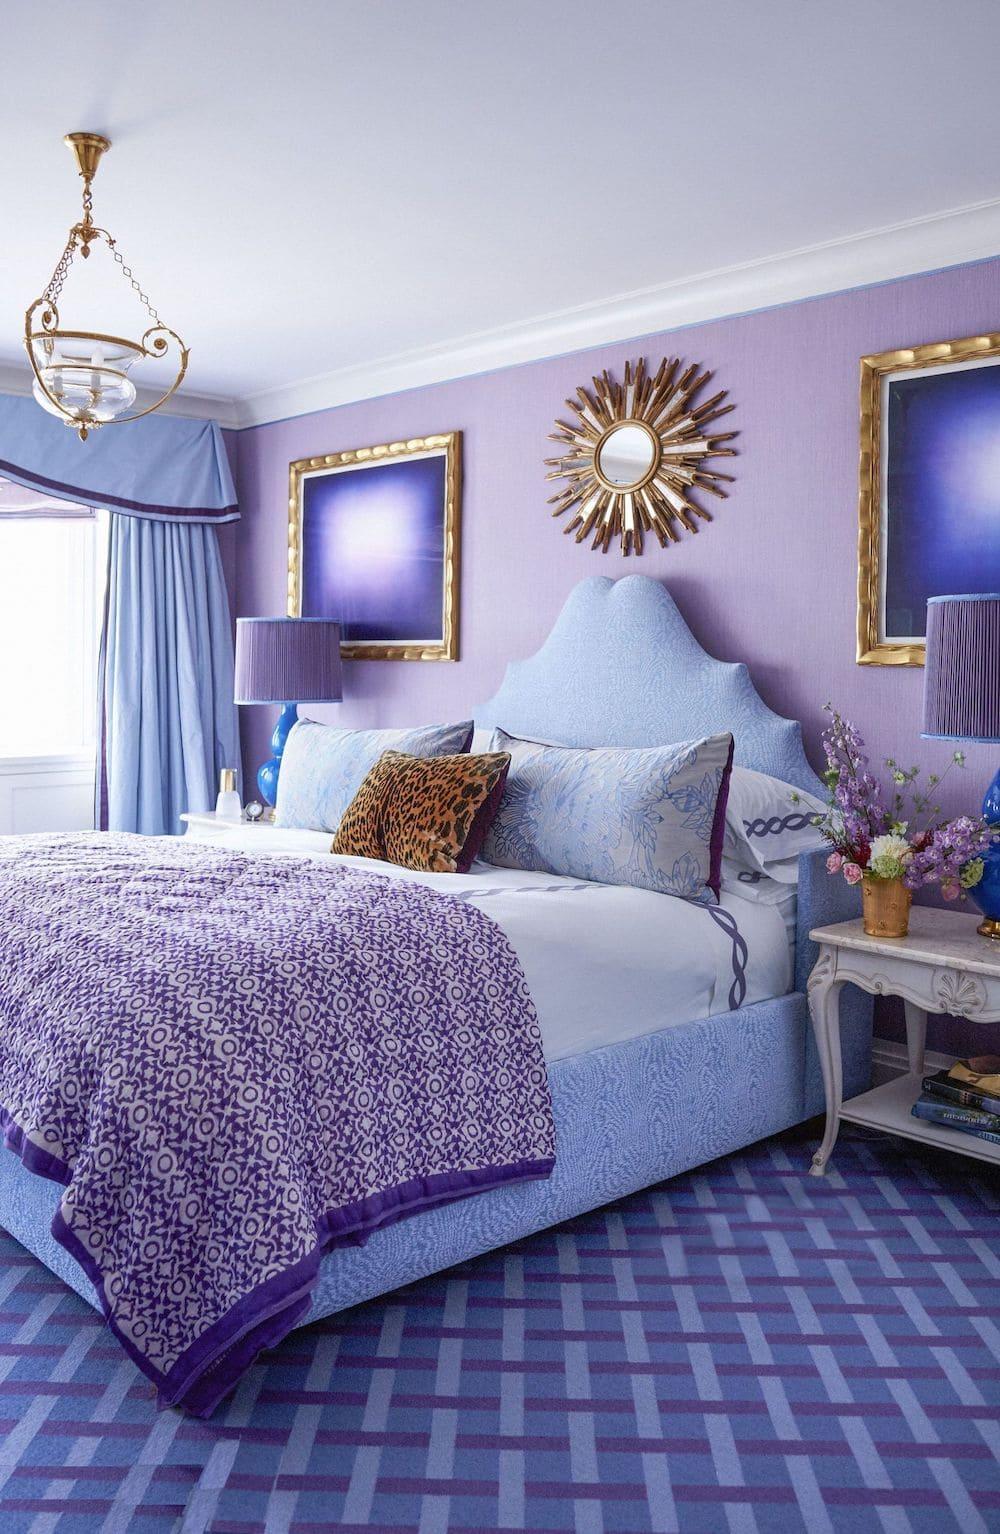 couleur violette à l'intérieur photo 11